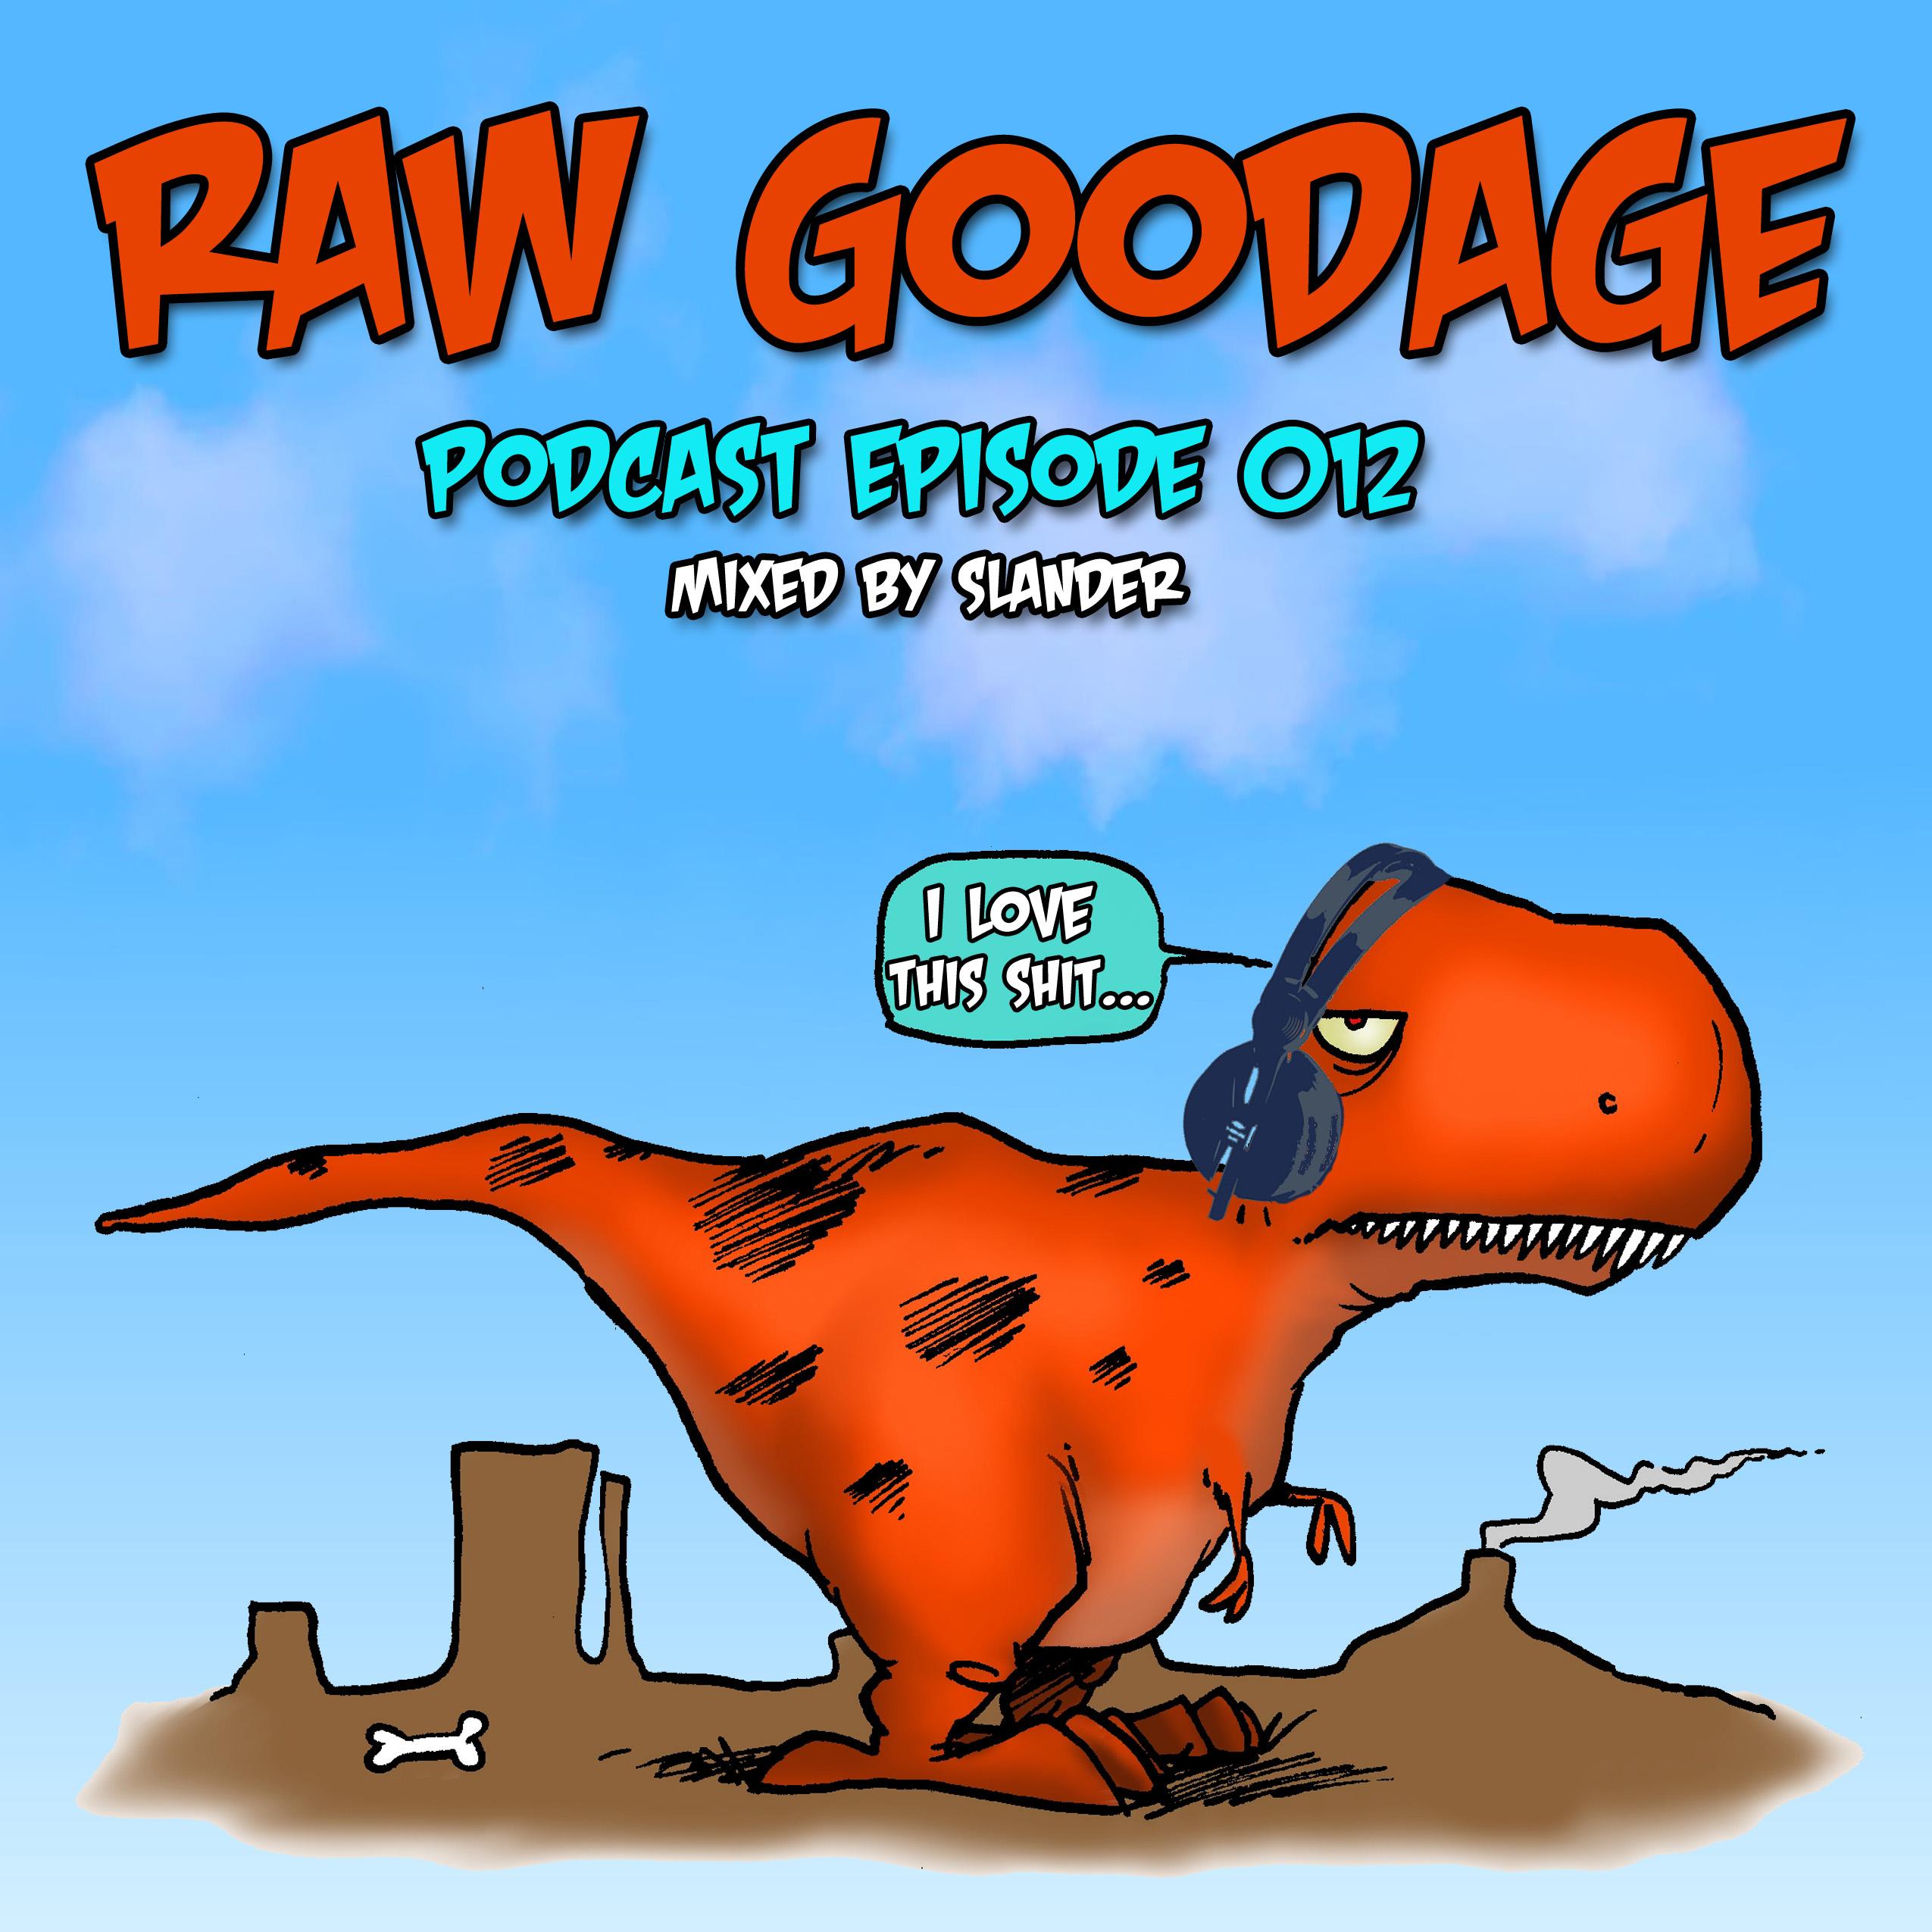 Raw Goodage Radio Episode 012 (Mixed by Slander)